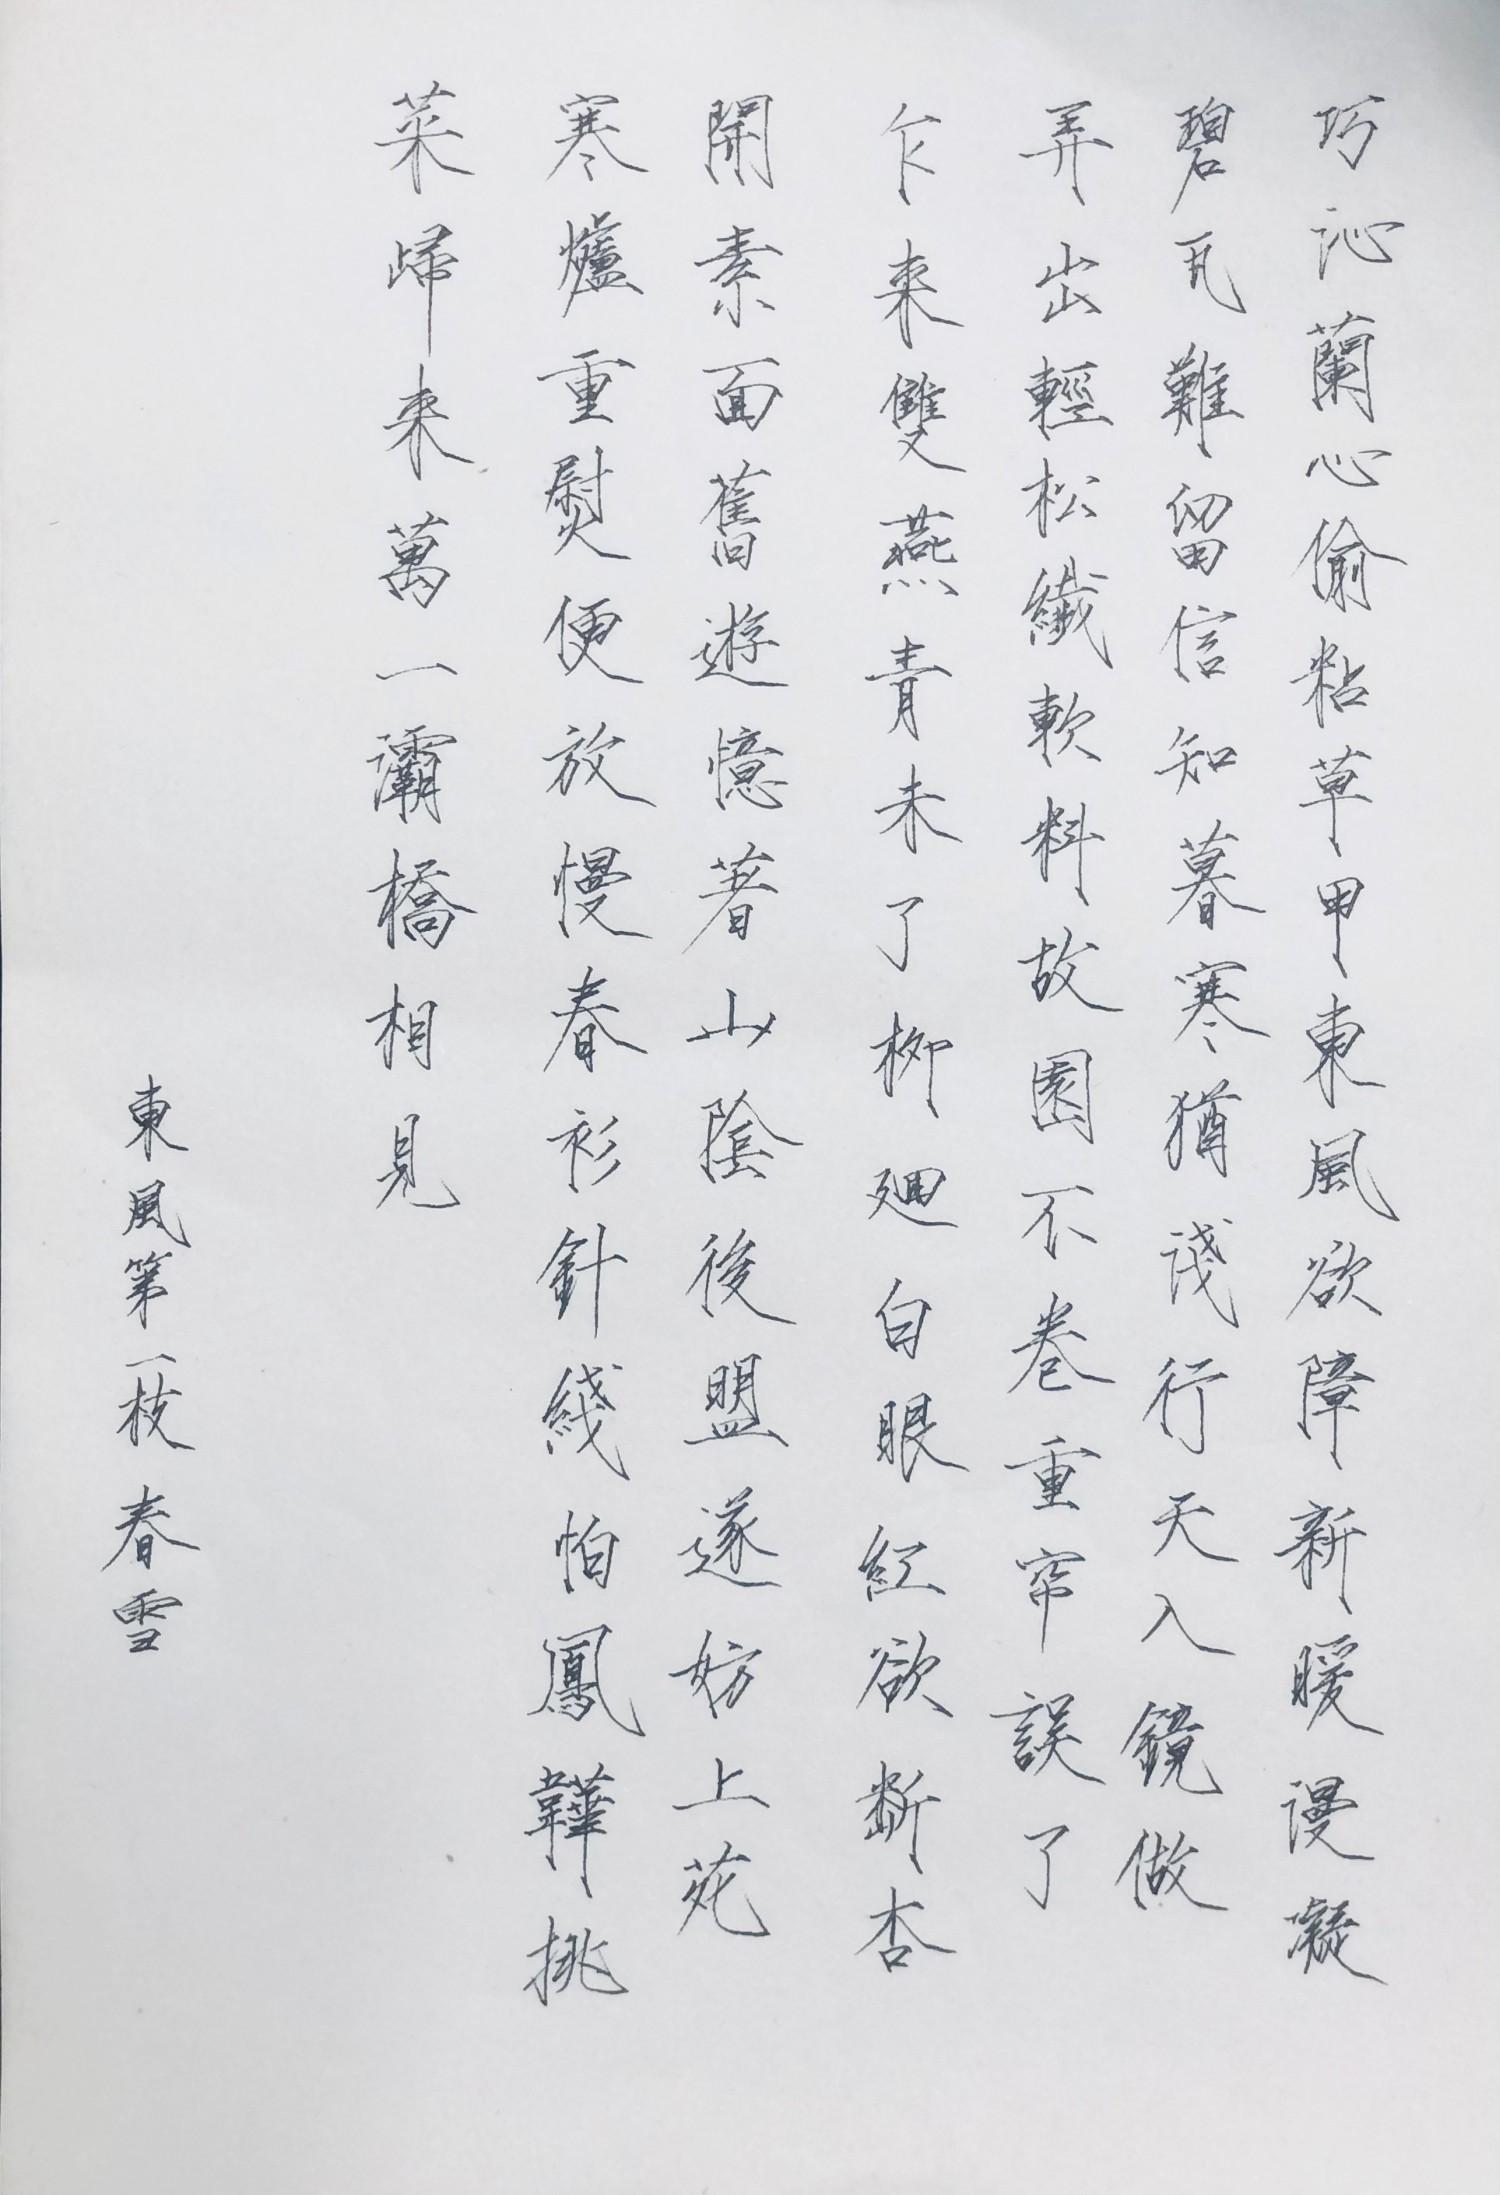 钢笔书法练字打卡20210511-08